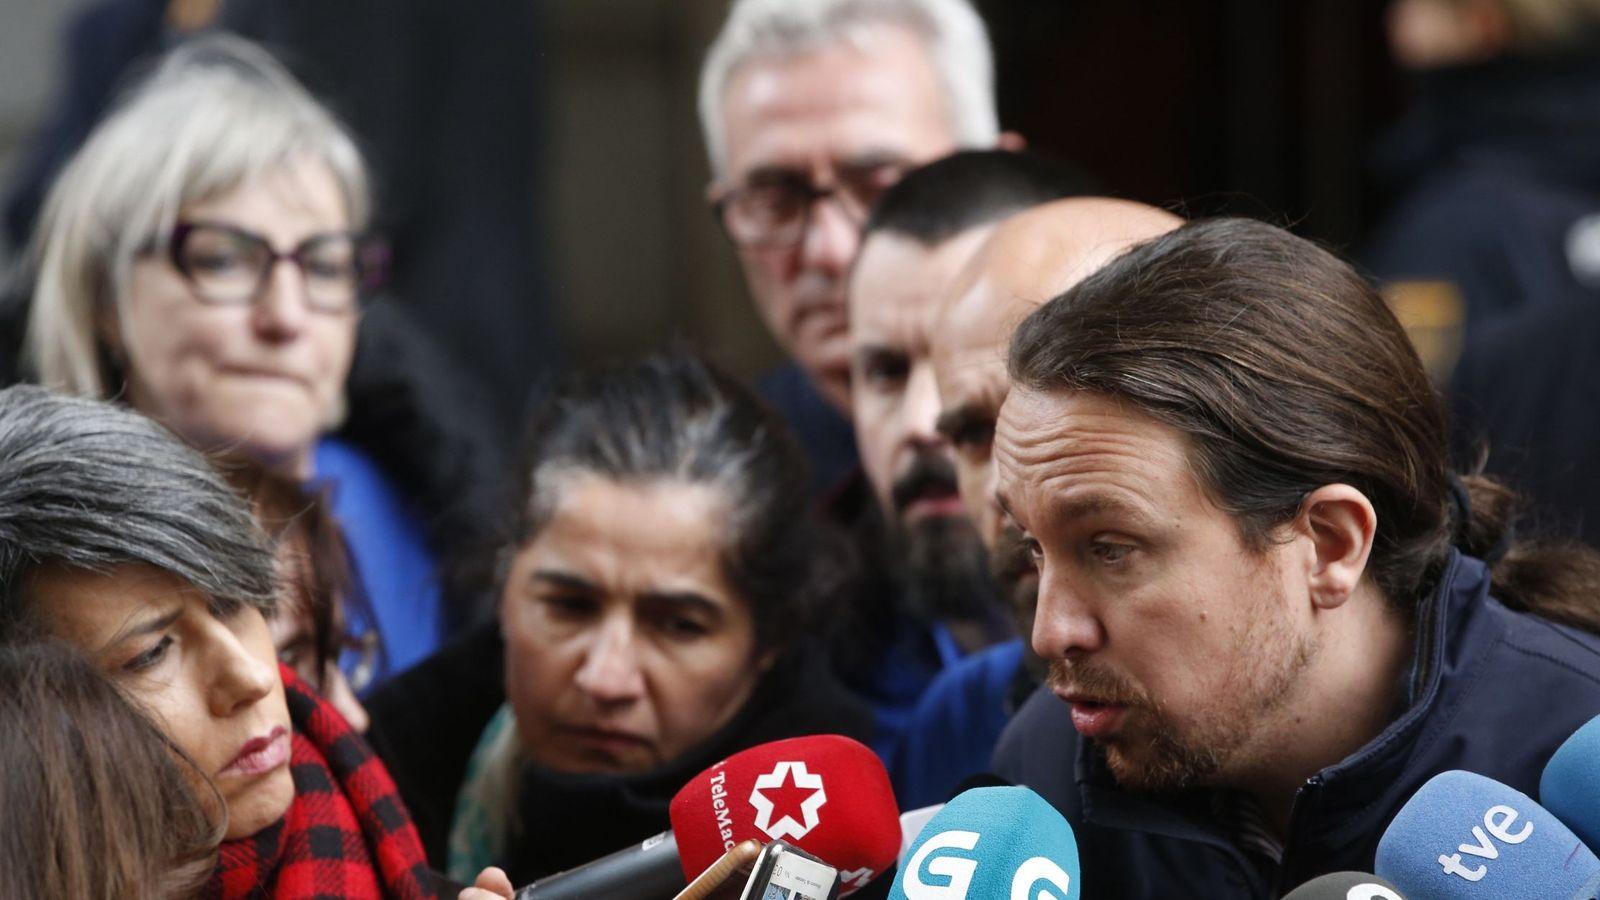 Foto: El líder de Podemos, Pablo Iglesias, atiende a los medios en el patio del Congreso de los Diputados. (EFE)